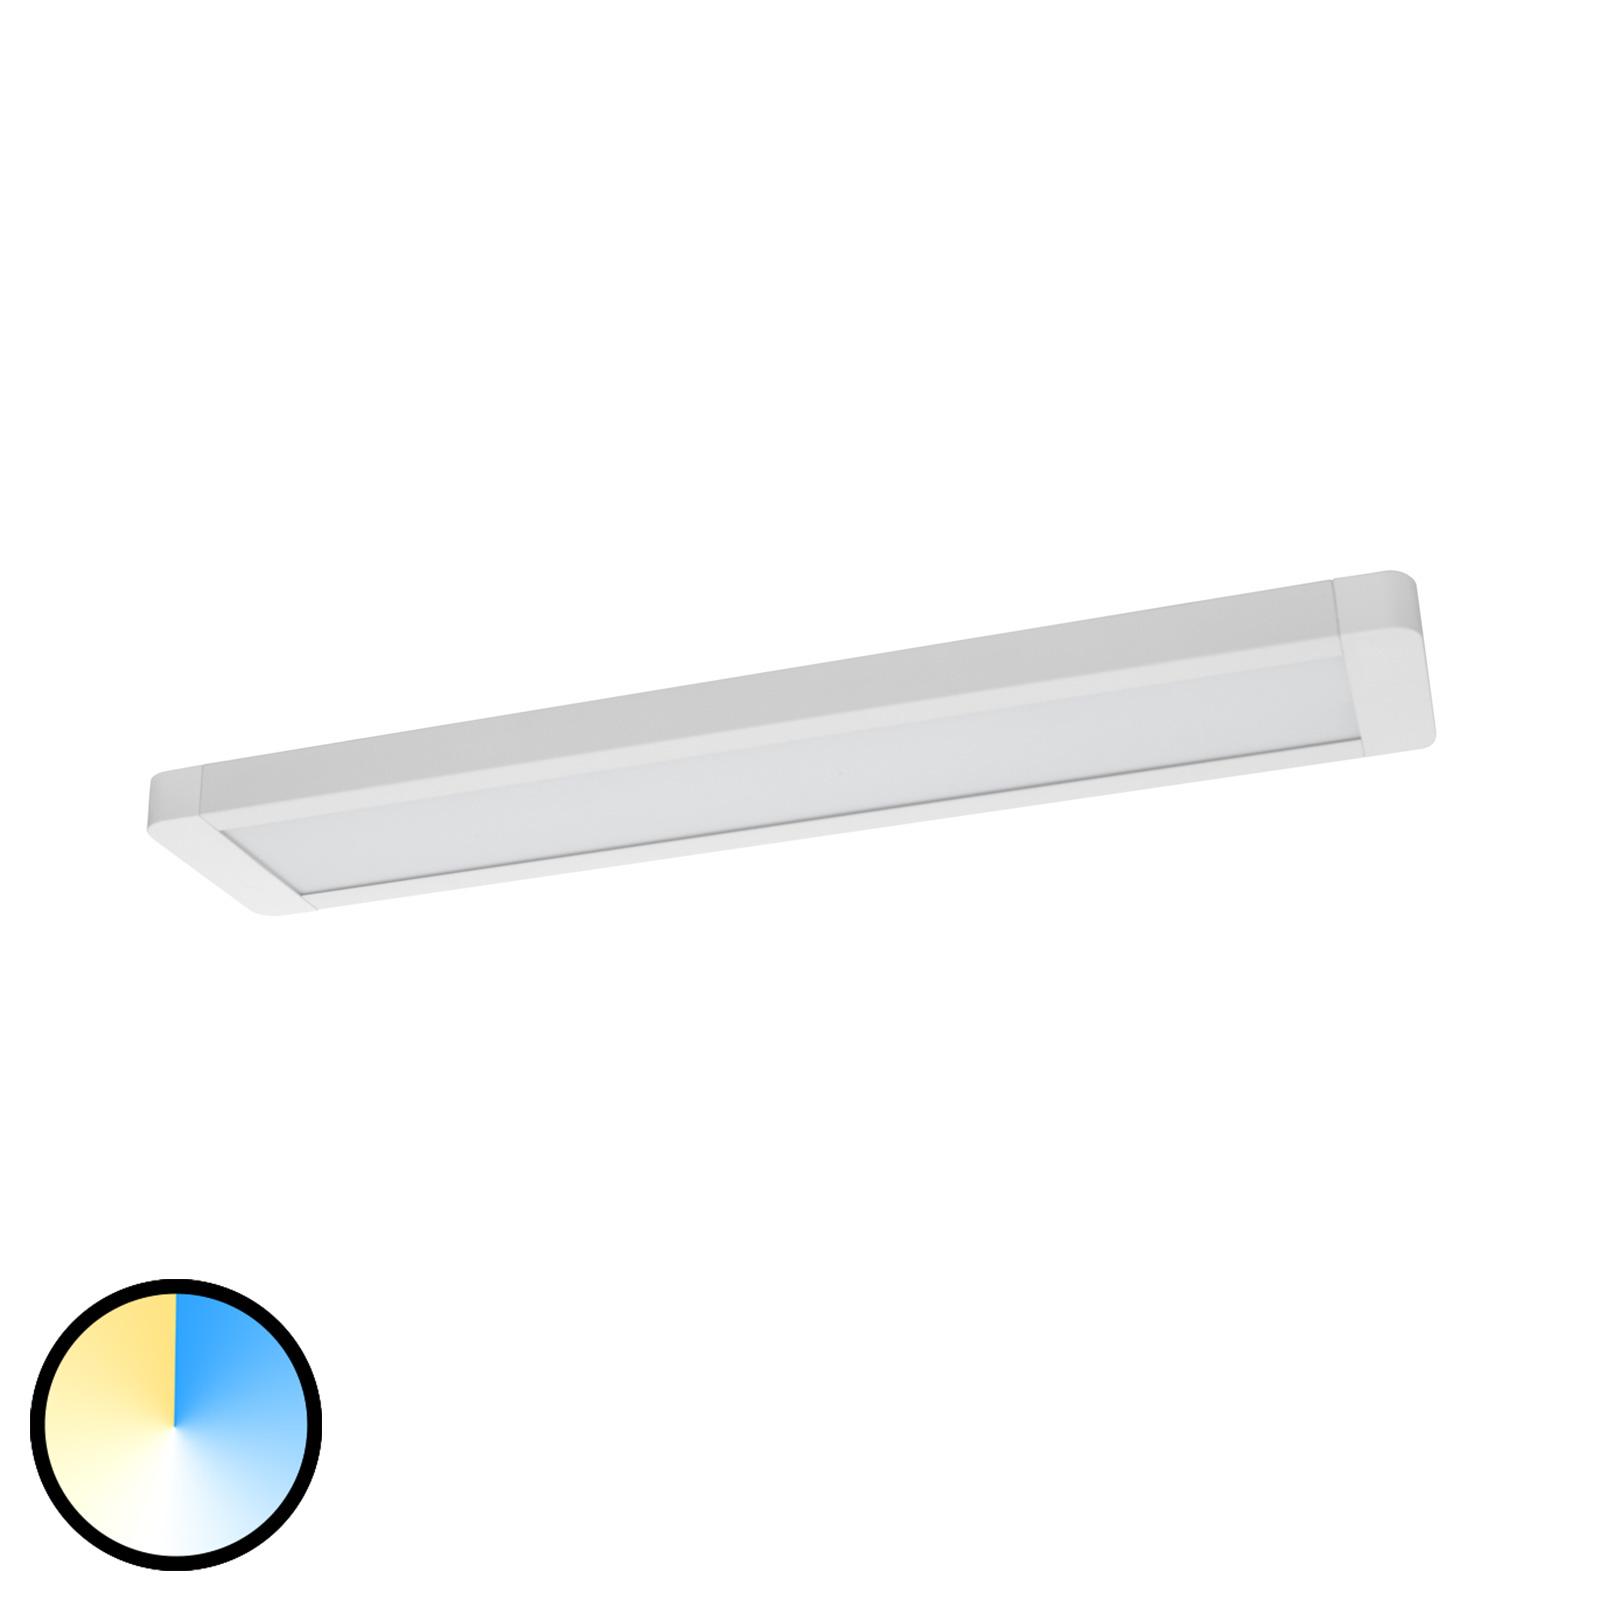 LEDVANCE Office Line LED ceiling light_6106336_1